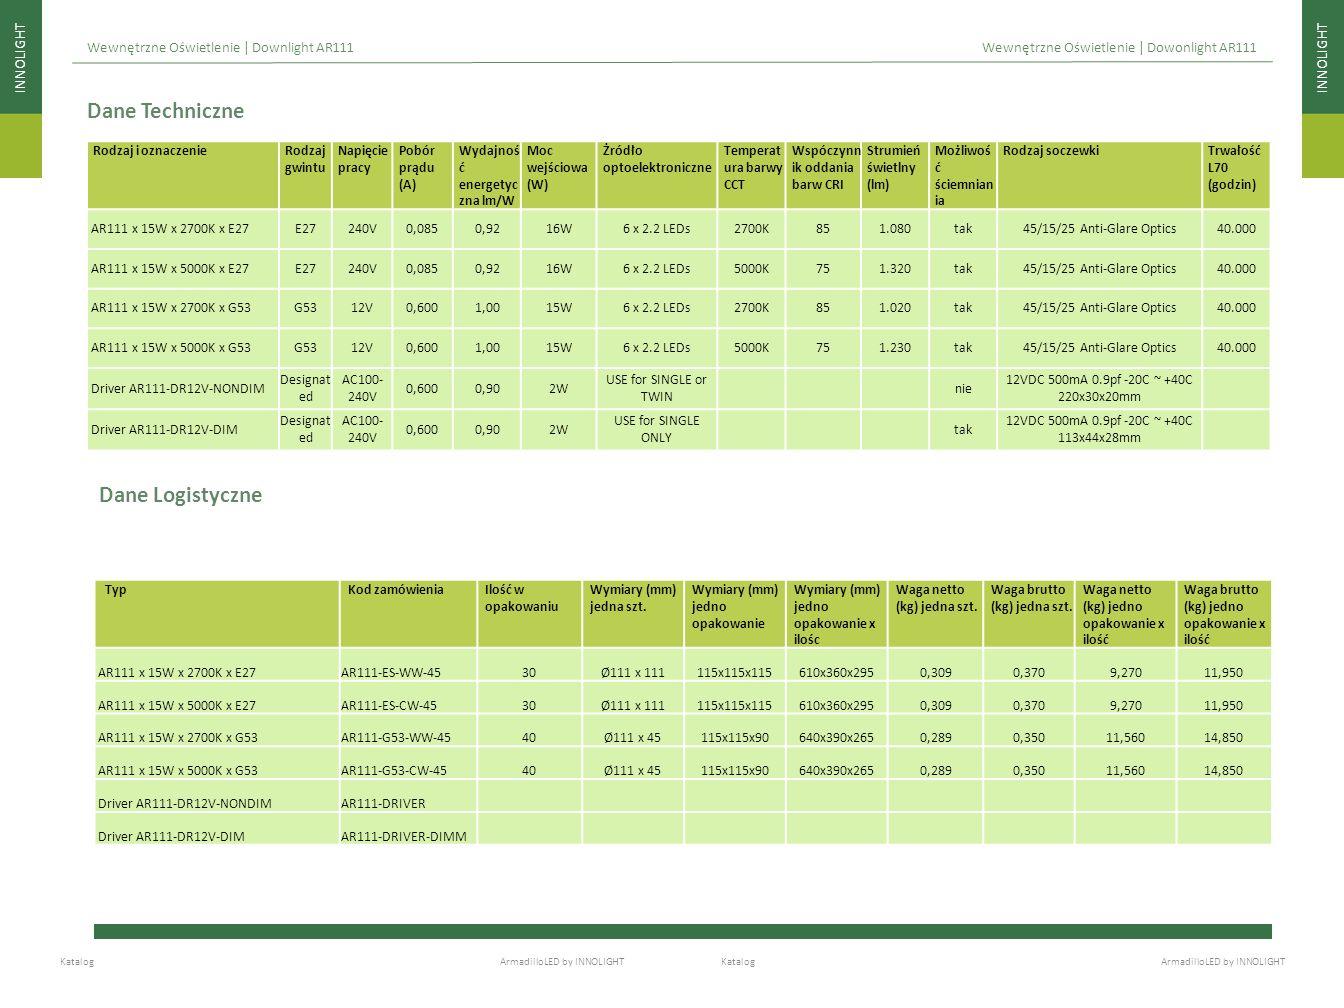 INNOLIGHT Katalog ArmadilloLED by INNOLIGHT Wewnętrzne Oświetlenie | Downlight AR111Wewnętrzne Oświetlenie | Dowonlight AR111 Dane Techniczne Rodzaj i